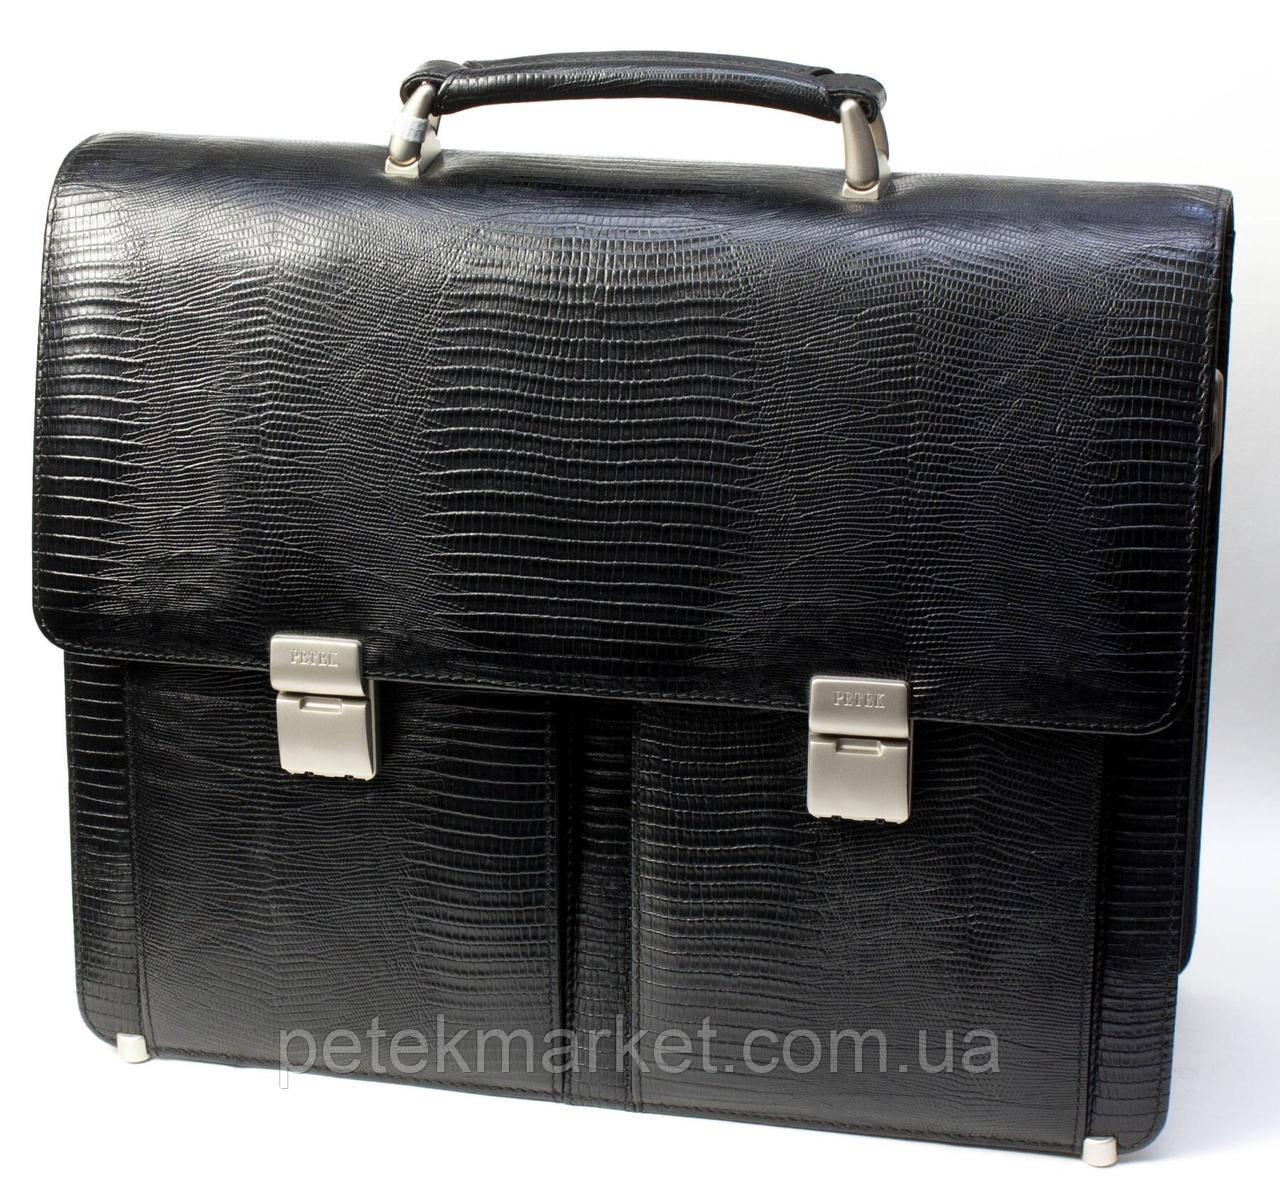 Кожаный портфель Petek 7510